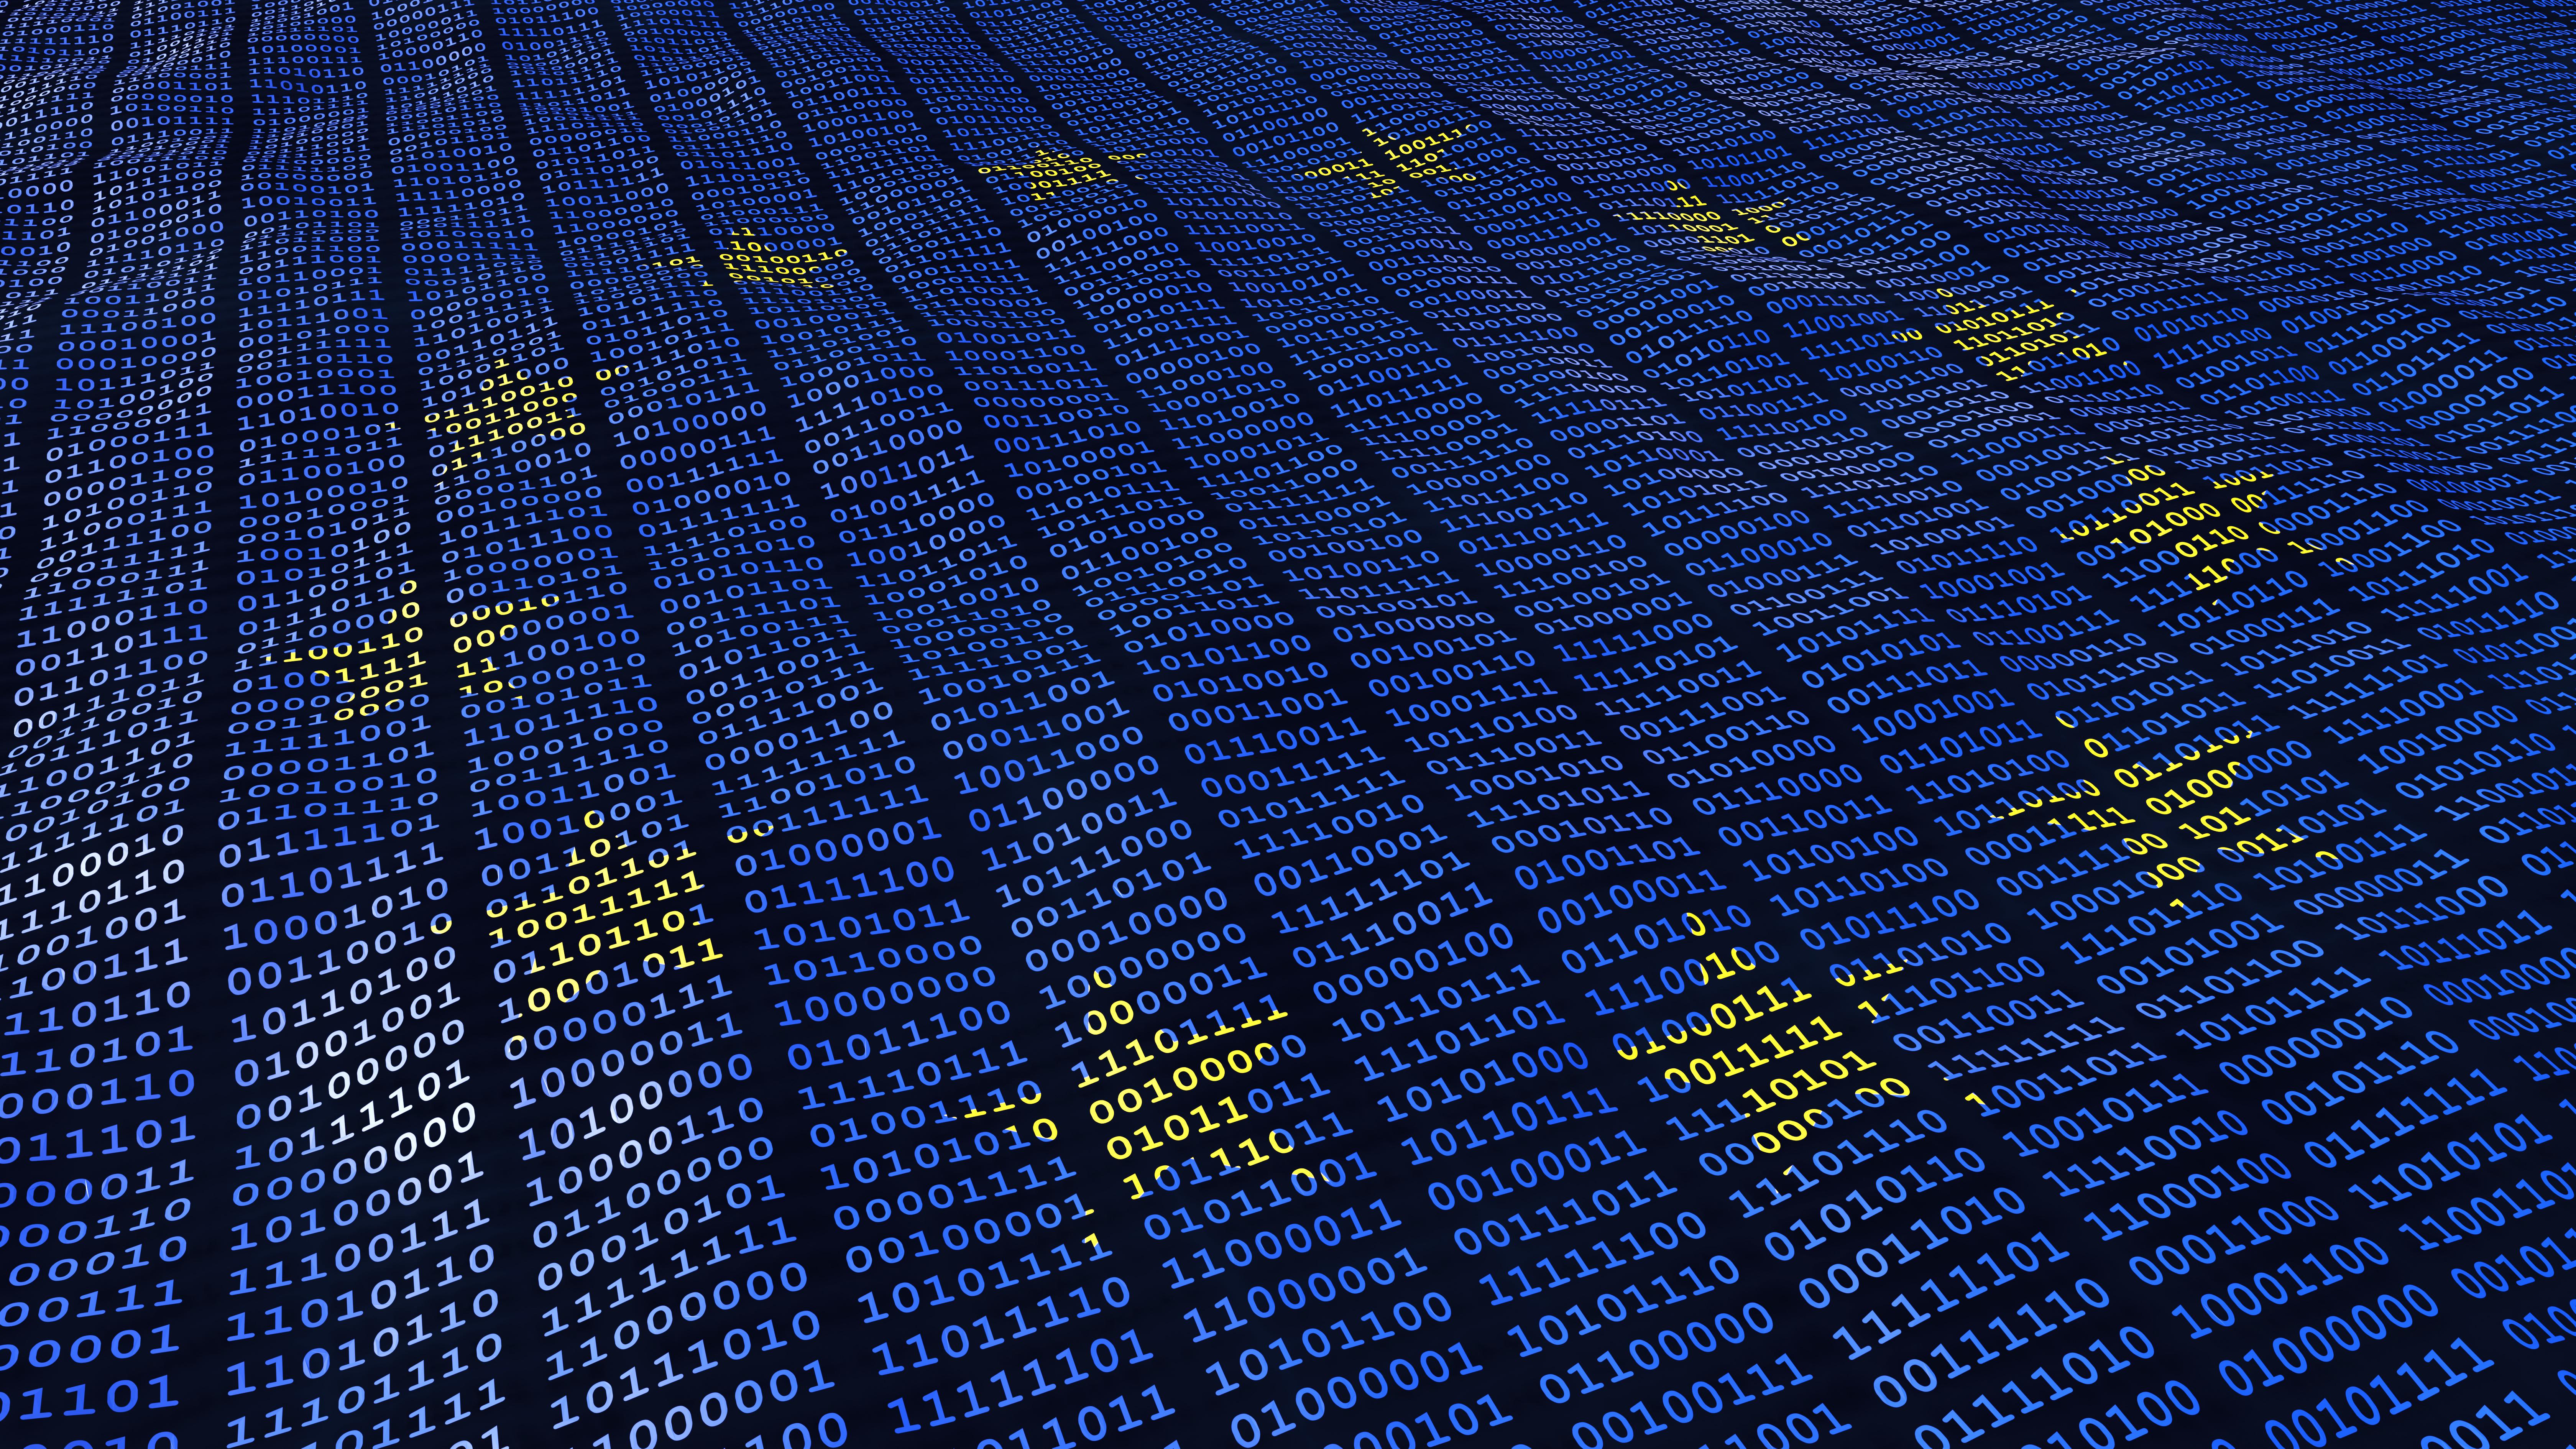 Construire la souveraineté numérique de l'Europe